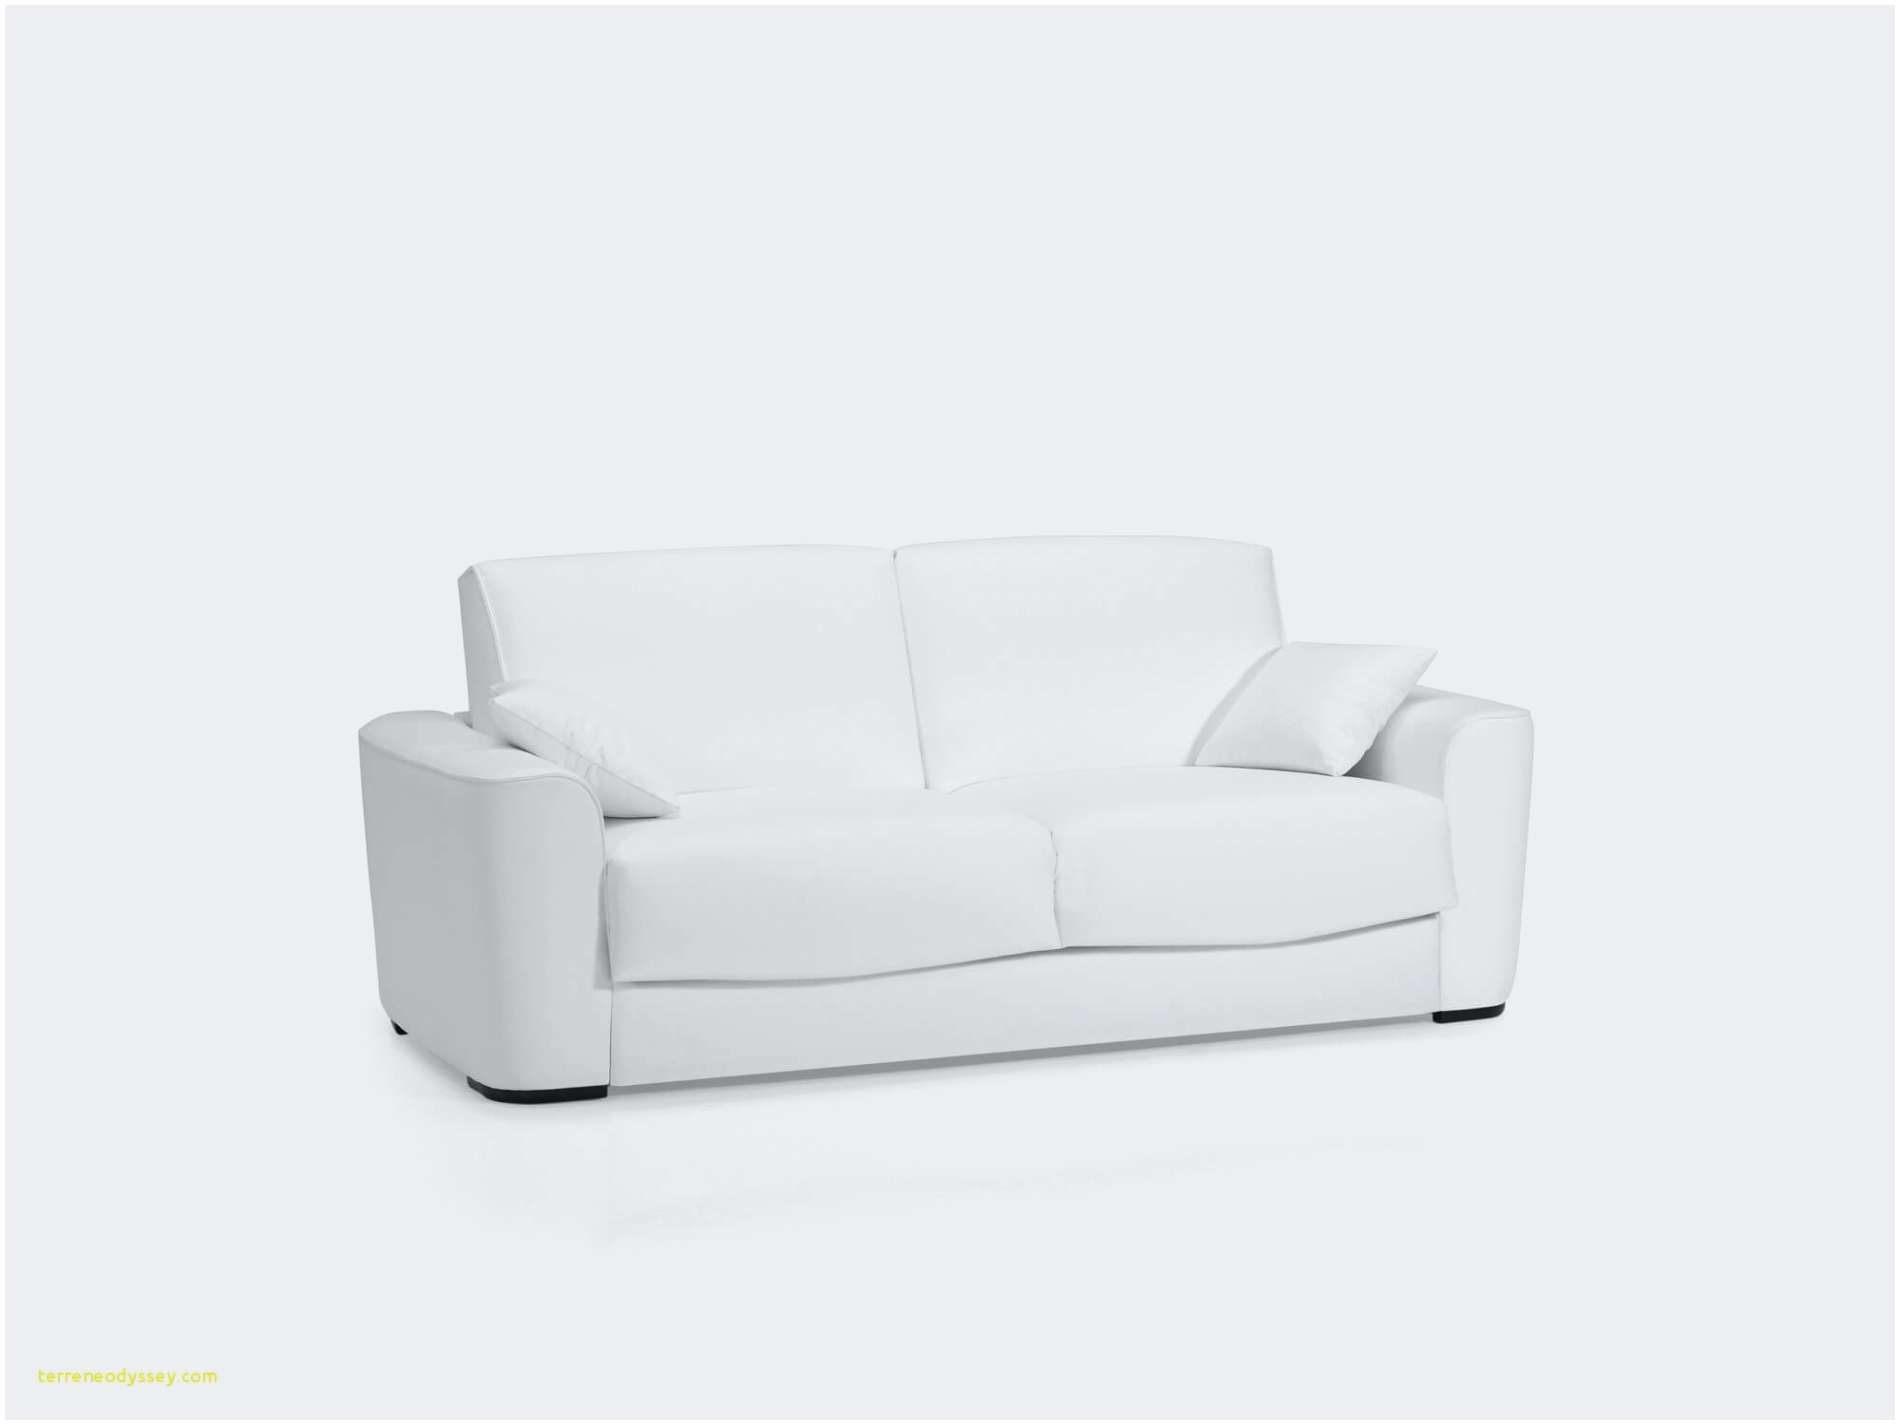 Lit Escamotable Canapé Ikea Élégant Impressionnant sove Canapé Moderne Convertible — sovedis Aquatabs